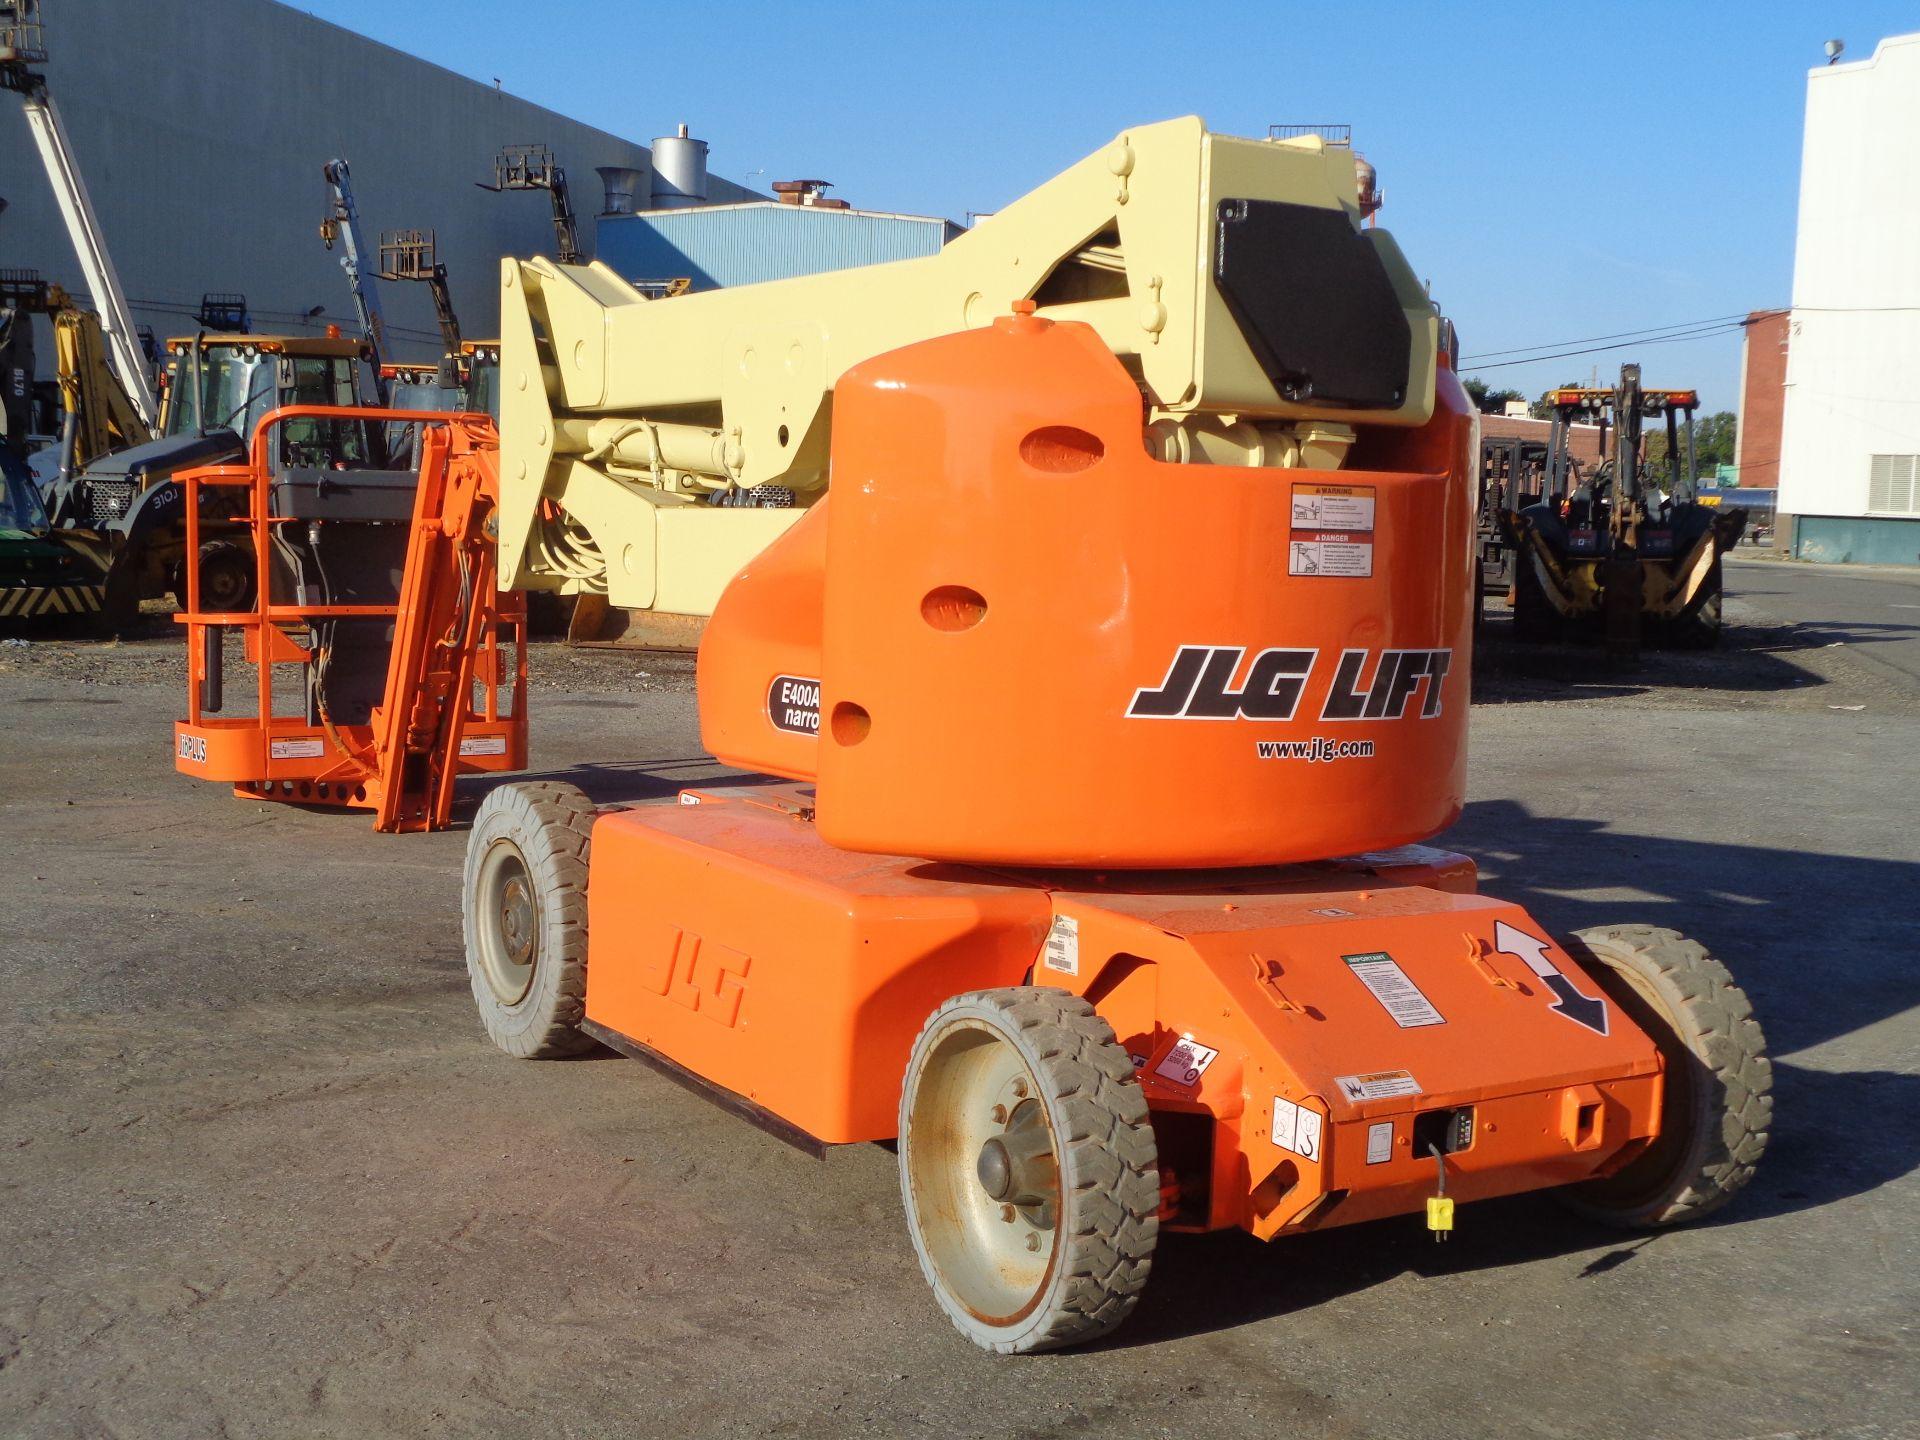 Lot 38 - 2011 JLG E400AJPN 40ft Electric Boom Lift